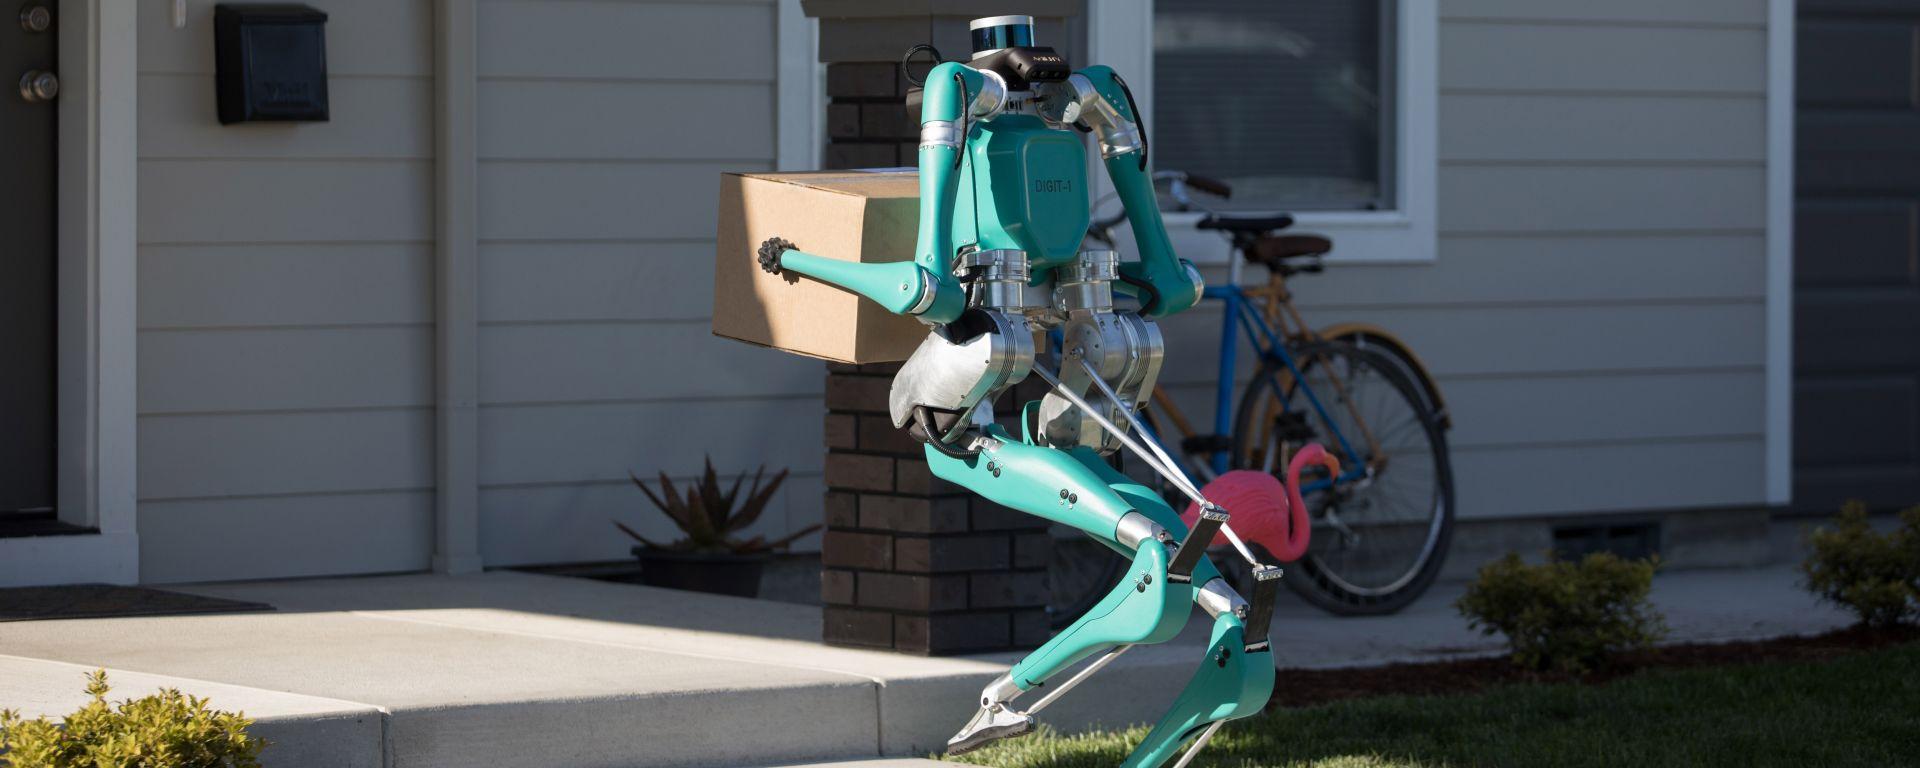 Da Ford e Agility Robotics ecco Digit, il robot per le consegne